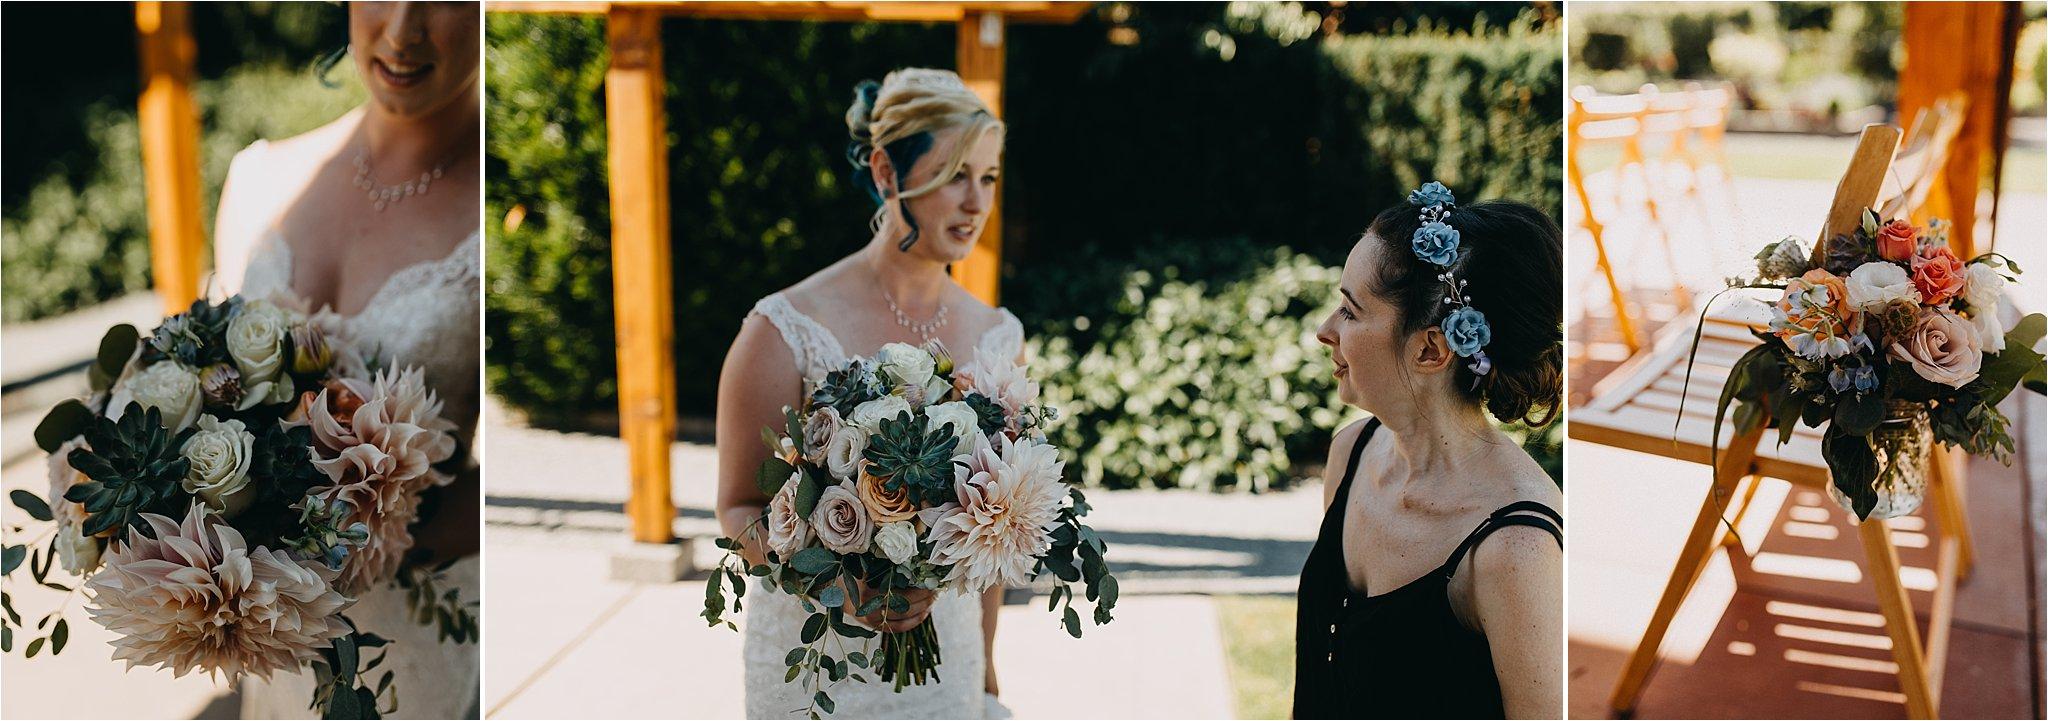 willows-lodge-ann-eric-wedding19.jpg